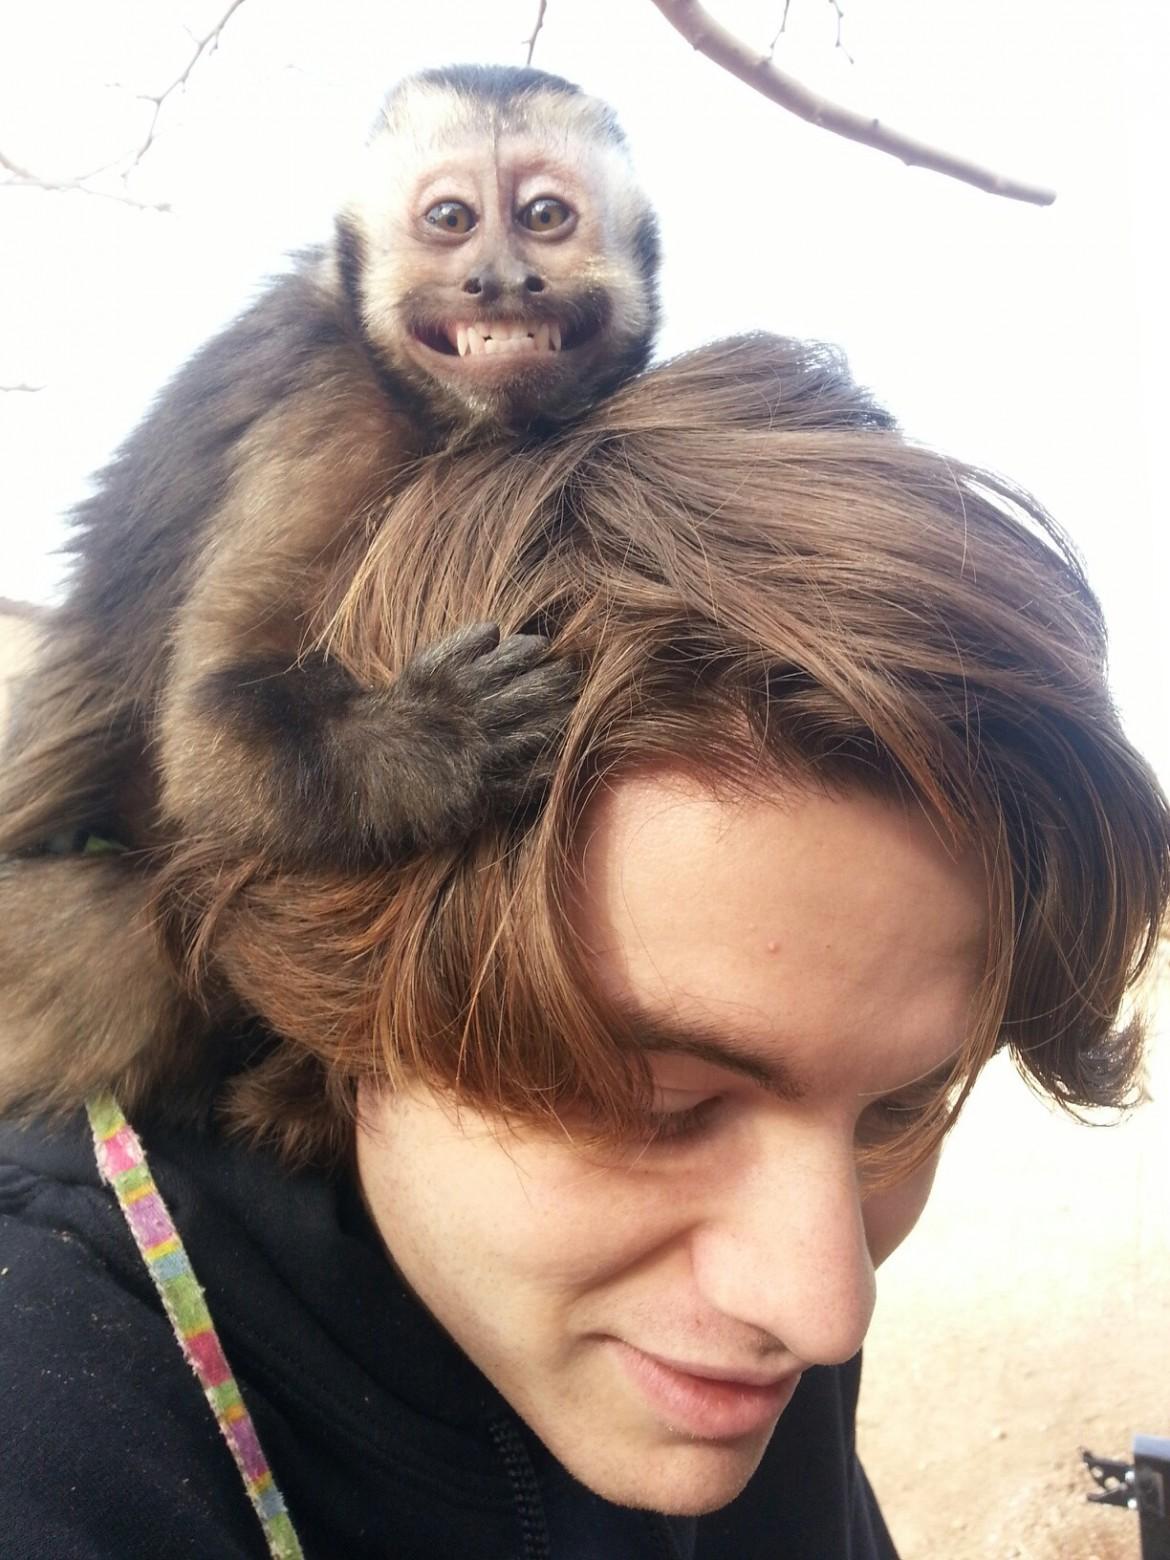 Nala monkey thinks I'm her boyfriend.